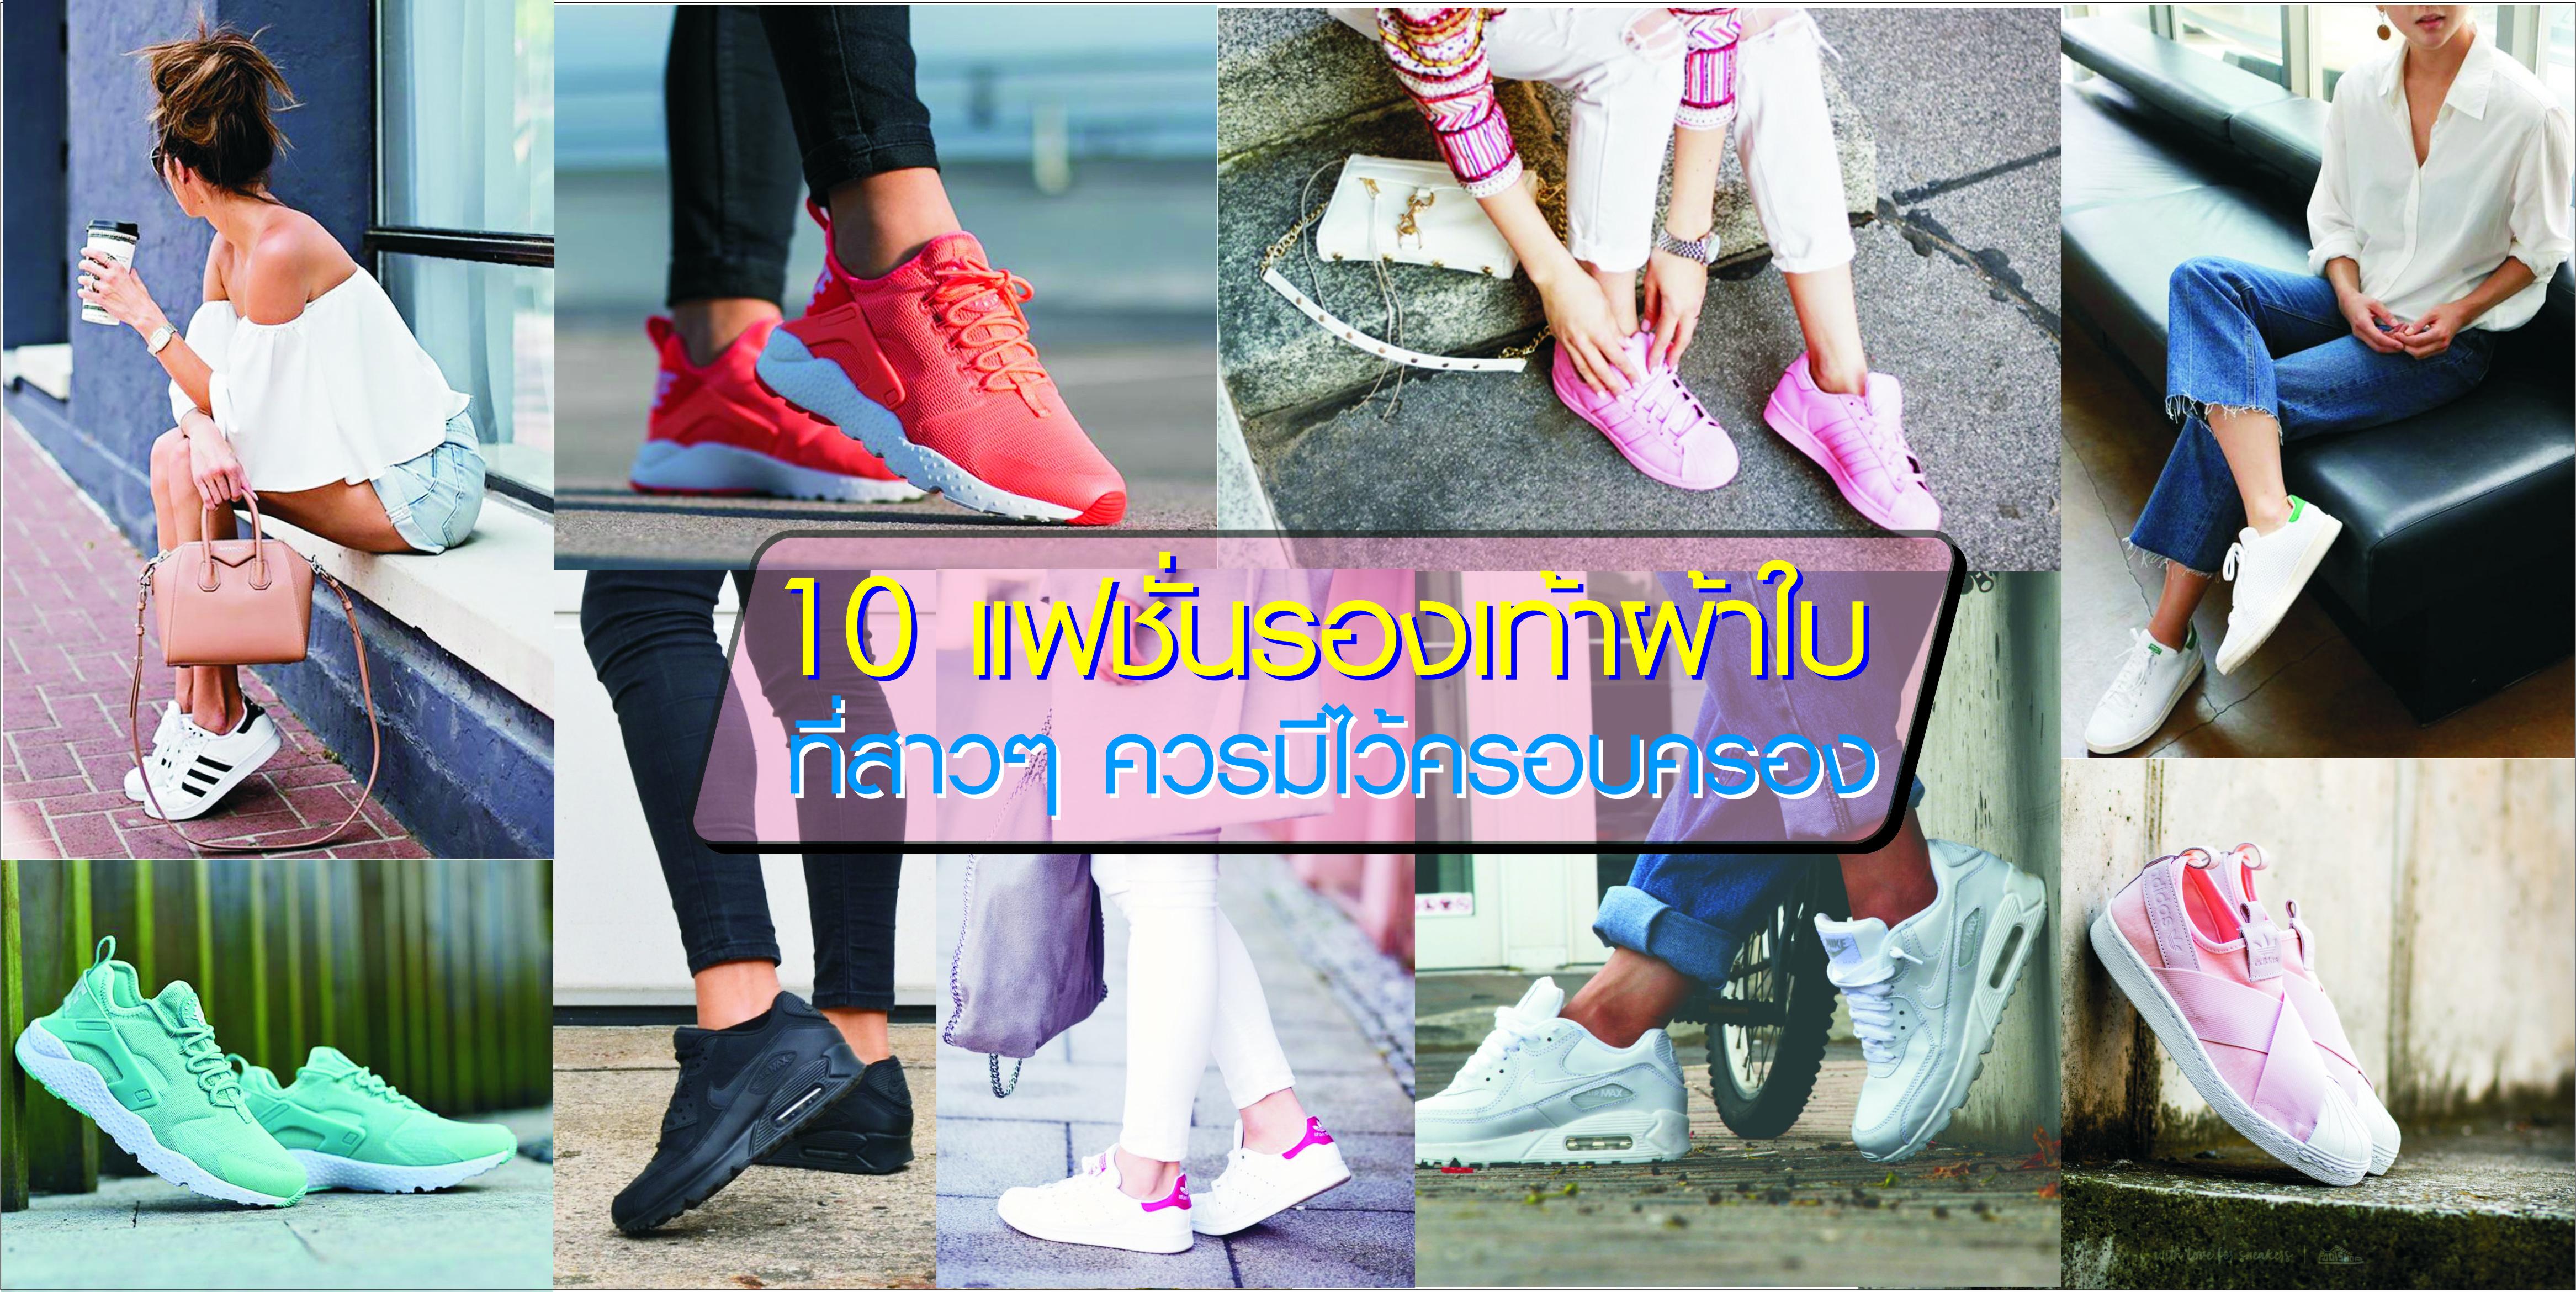 10 แฟชั่นรองเท้าใบที่สาวๆ ควรมีไว้ครอบครอง! Favful